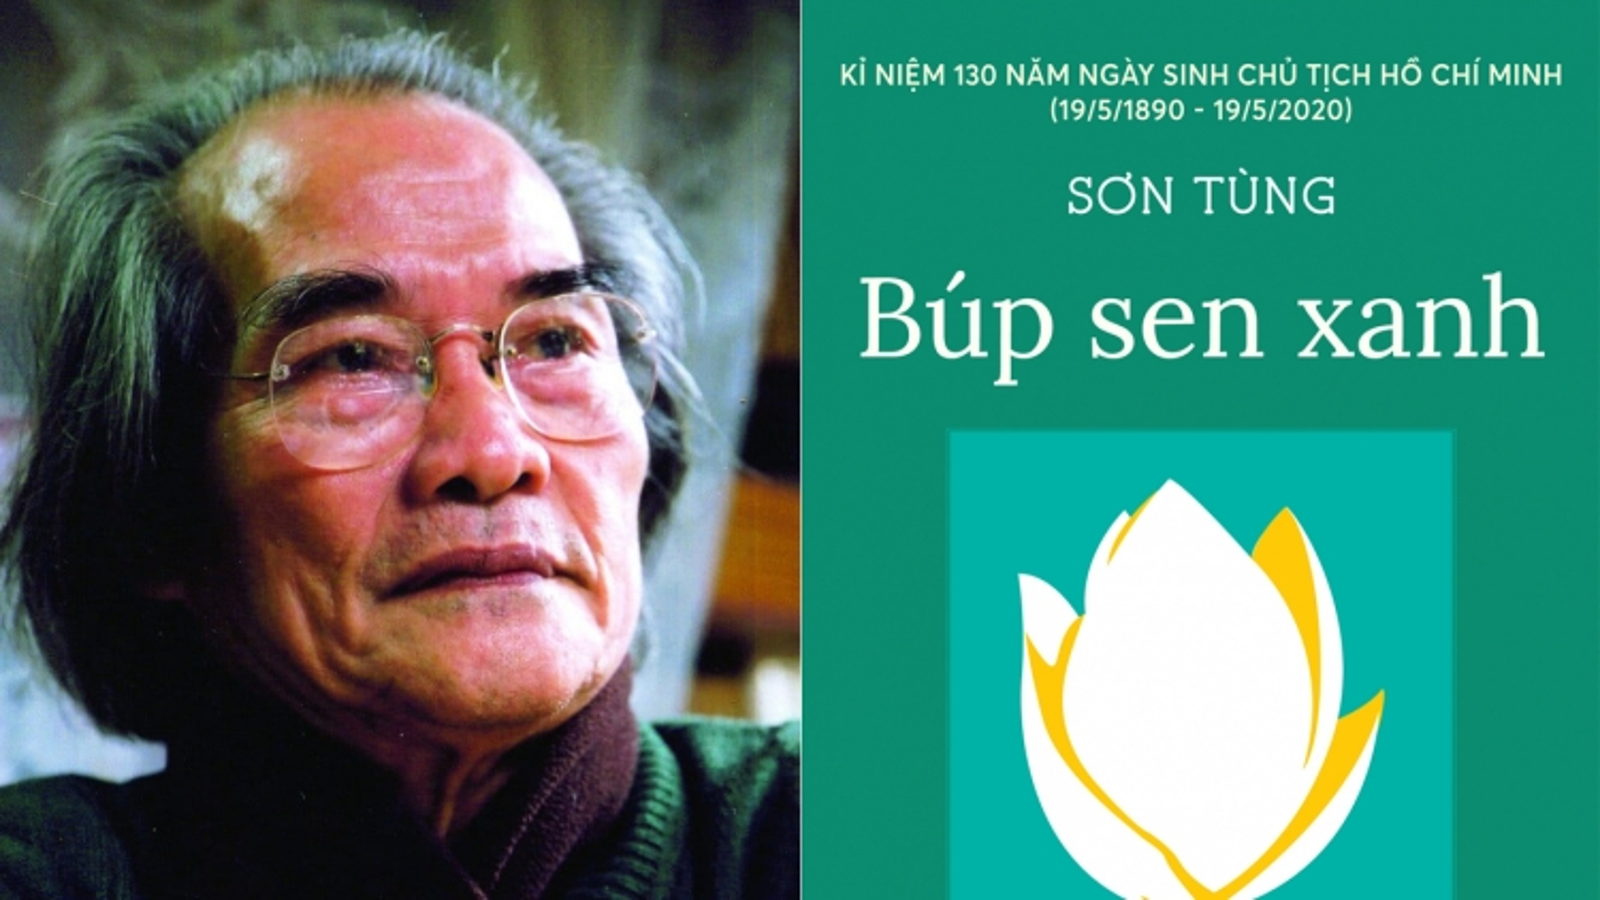 """Nhà văn Sơn Tùng - tác giả tiểu thuyết """"Búp sen xanh"""" qua đời ở tuổi 93"""